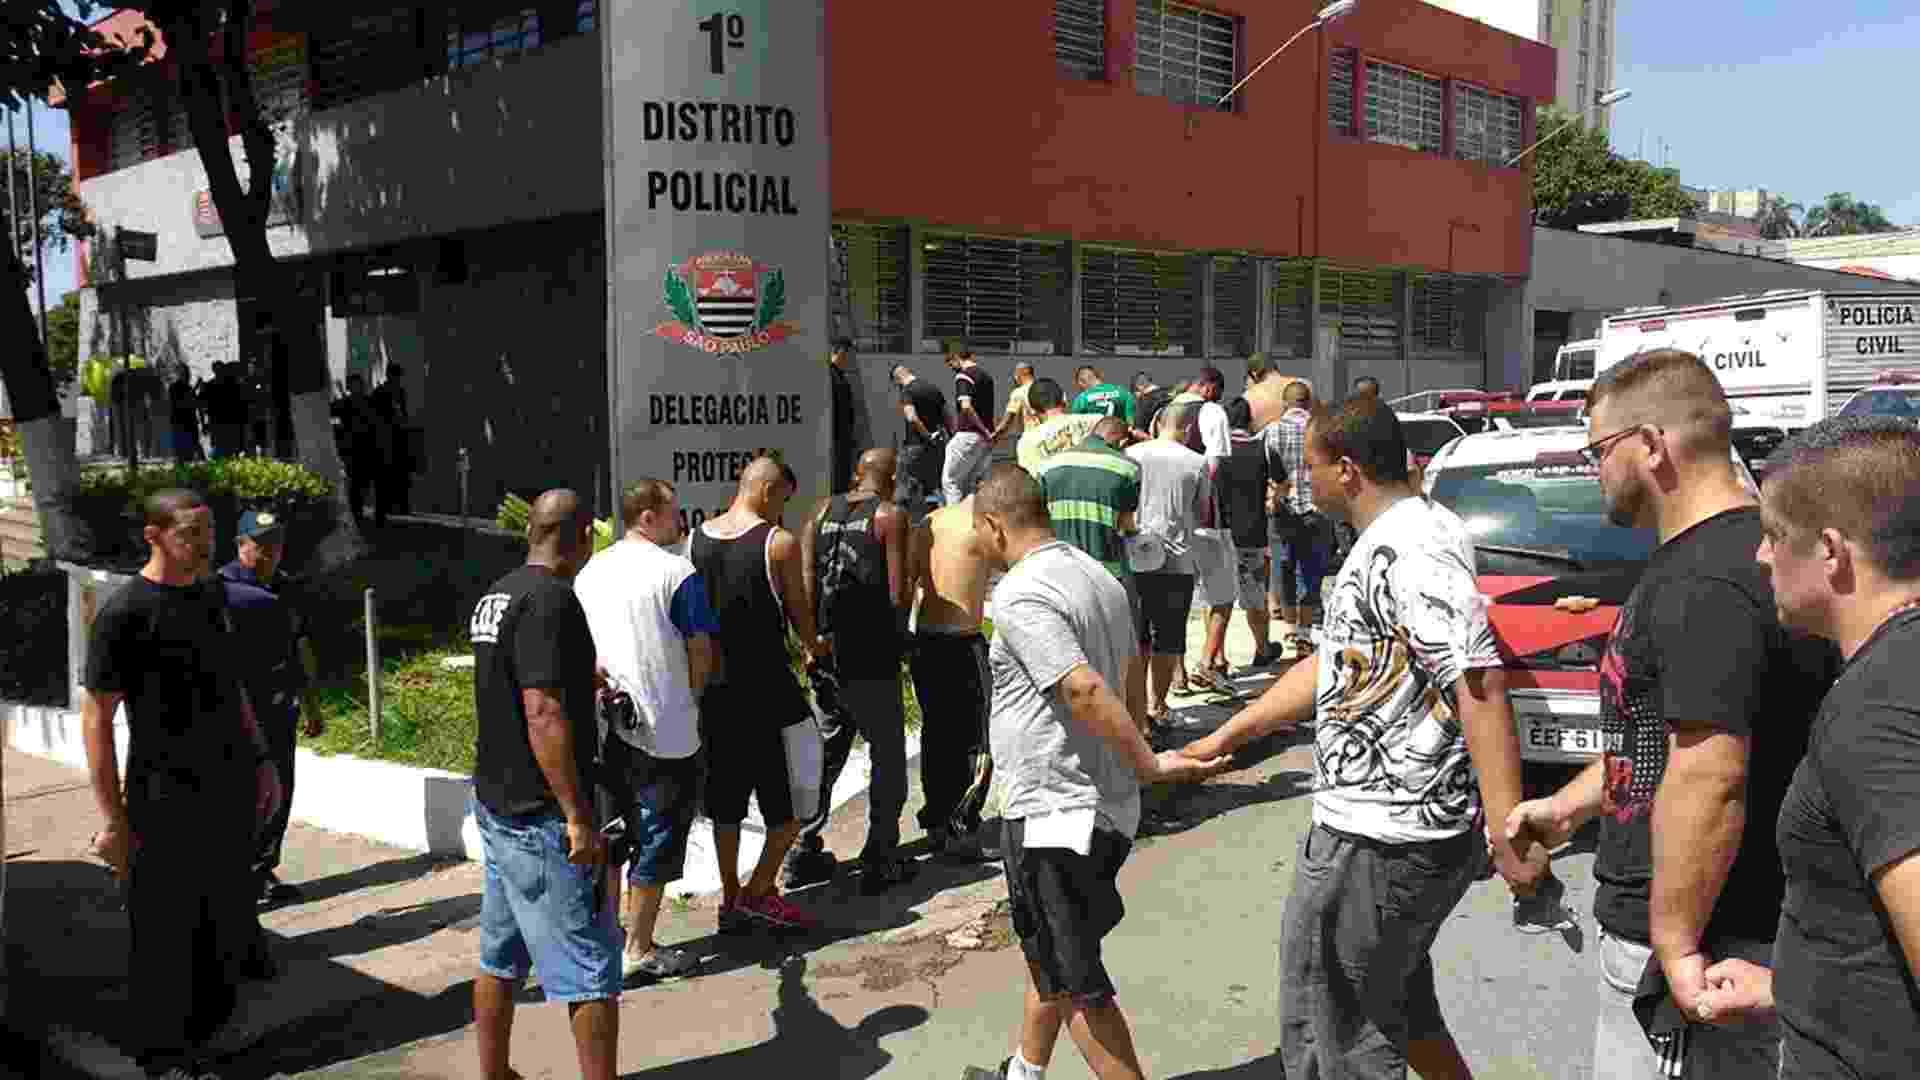 Imagem de torcedores detidos em Guarulhos após briga de torcida de Palmeiras e Corinthians antes do clássico no Pacaembu - undefined